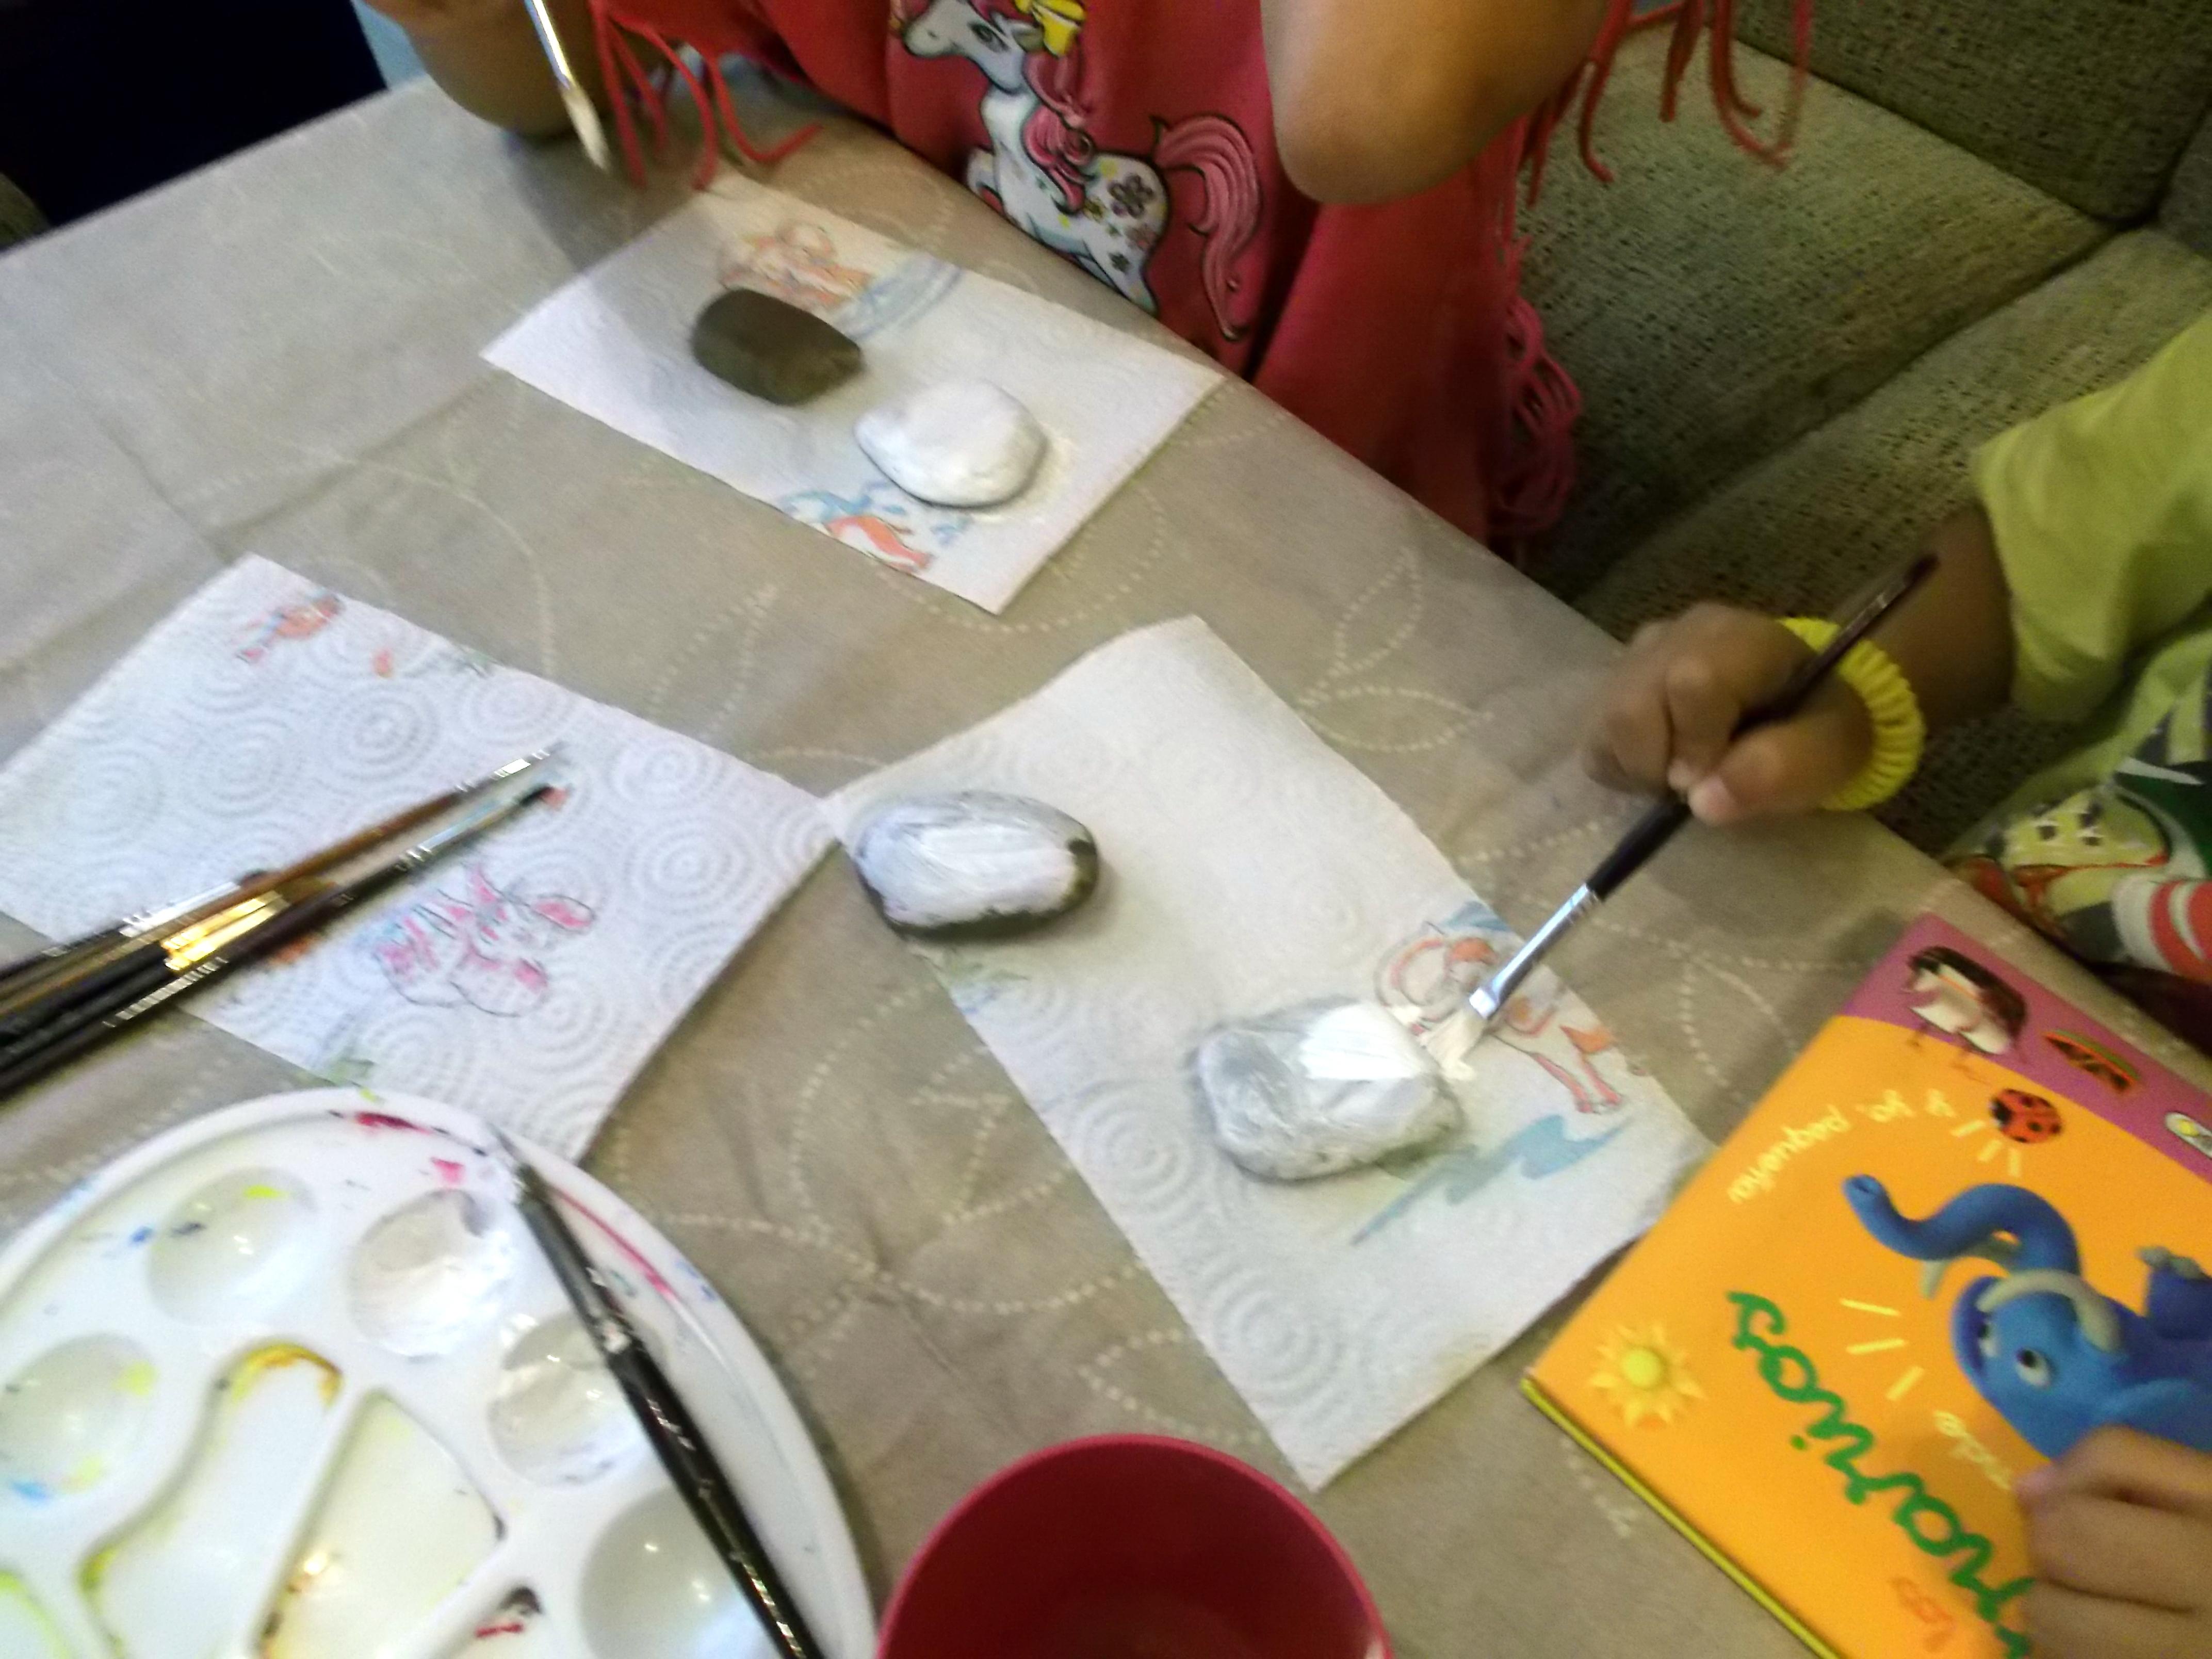 Pintando piedras del rio vivimos el arte en el estudio for Como pintar piedras